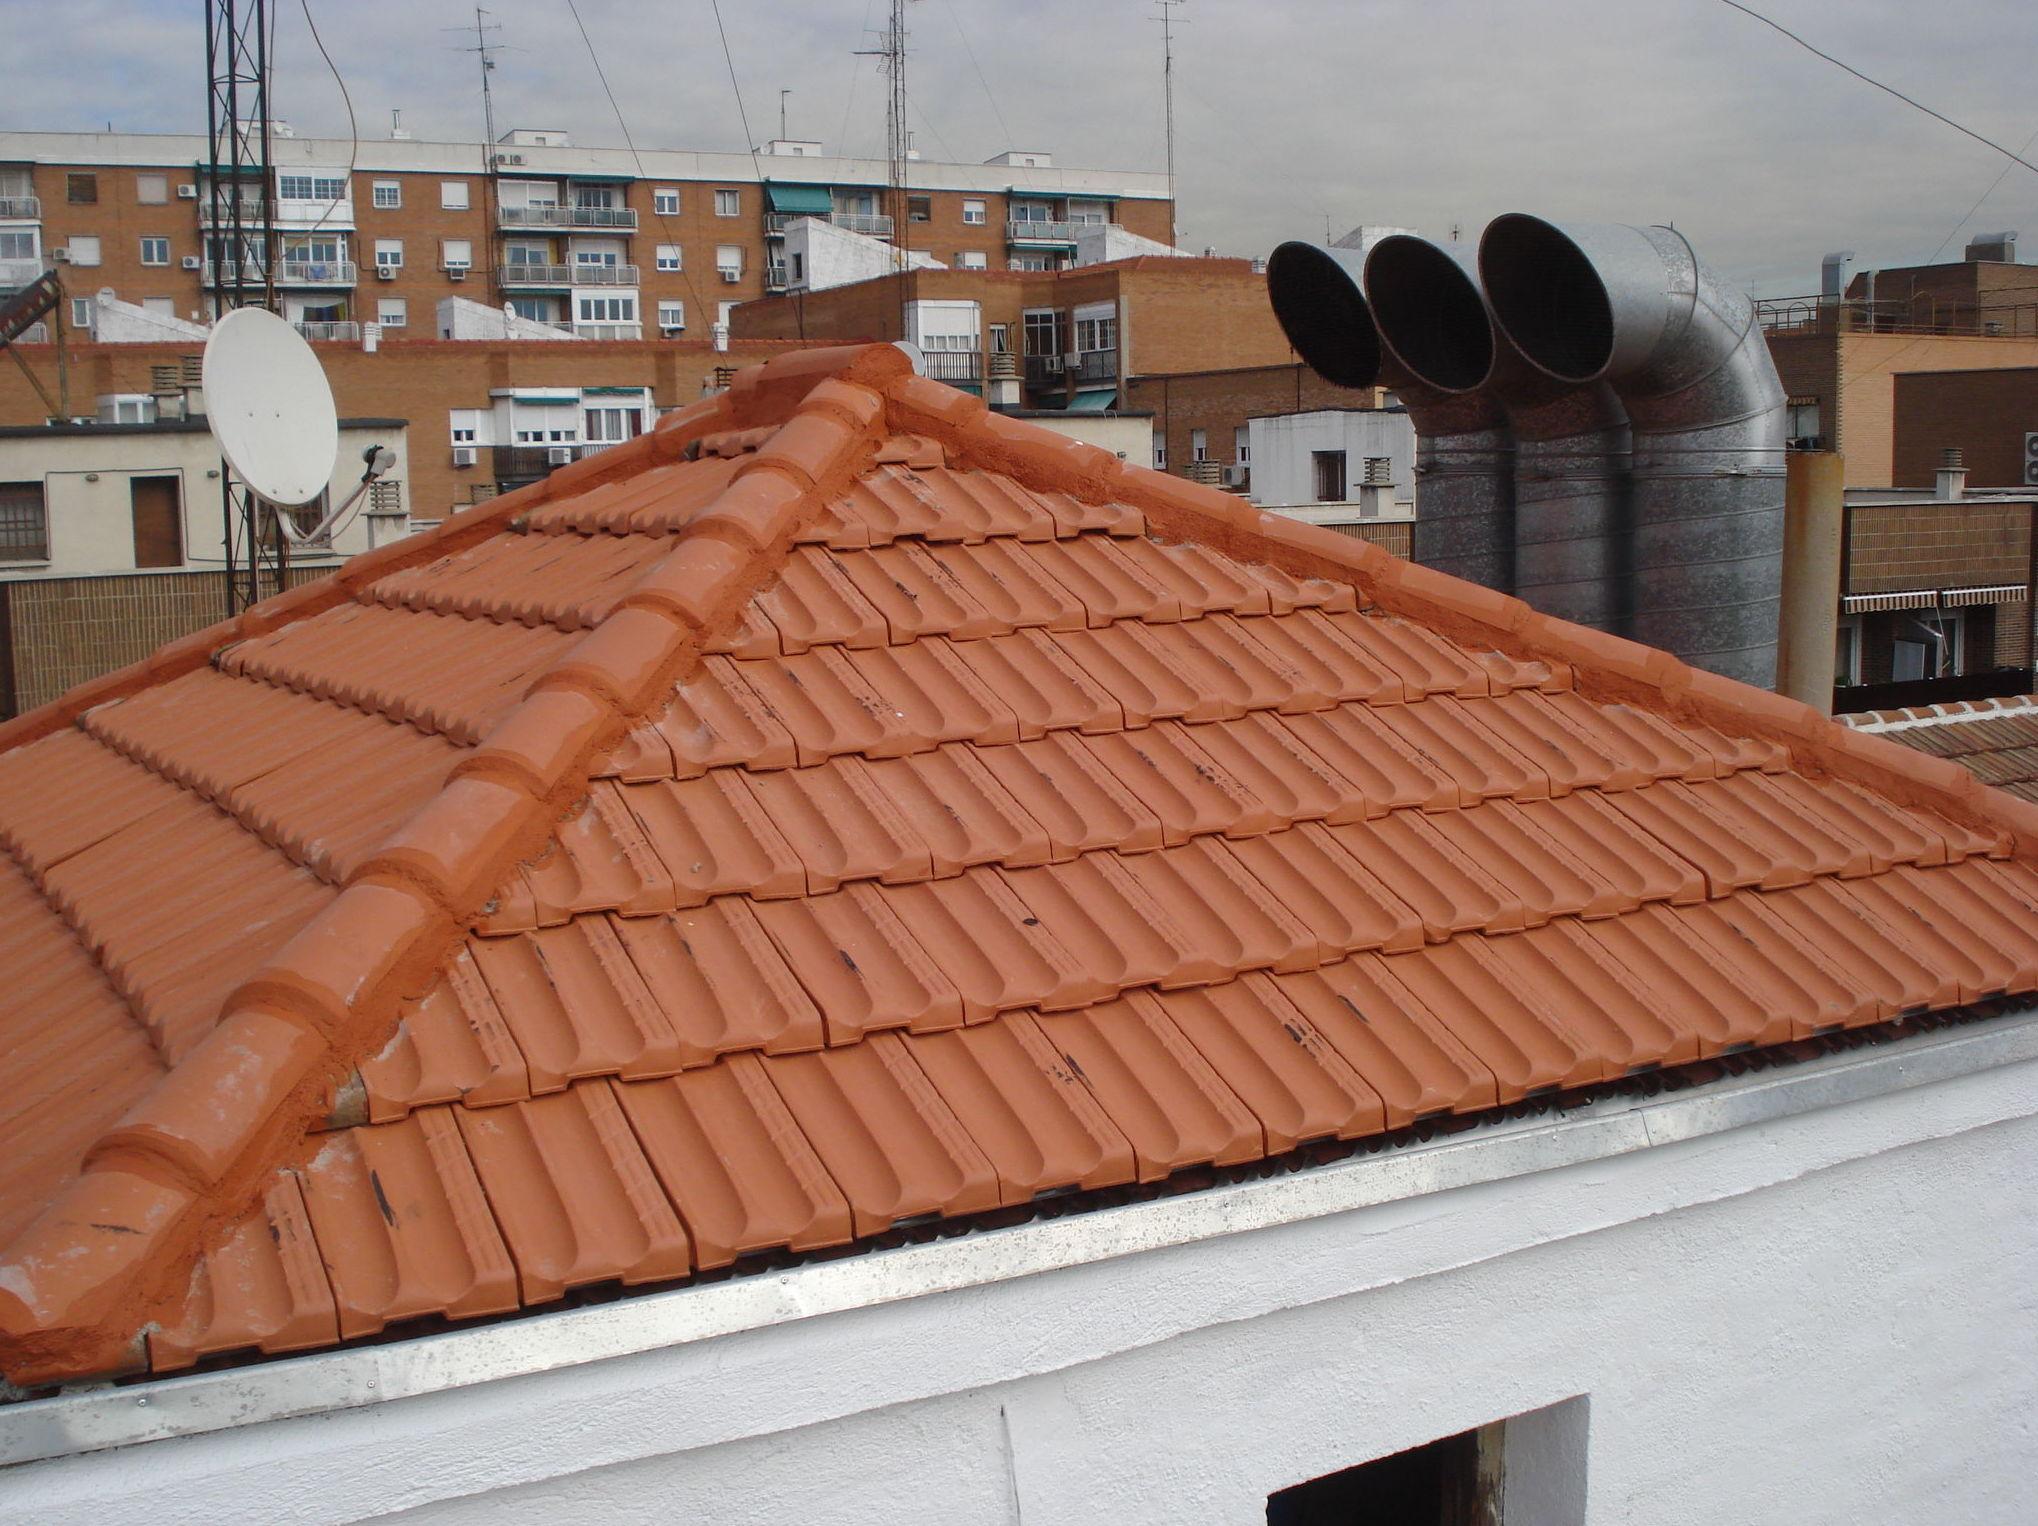 Rehabilitación cubierta teja plana. Estado reformado